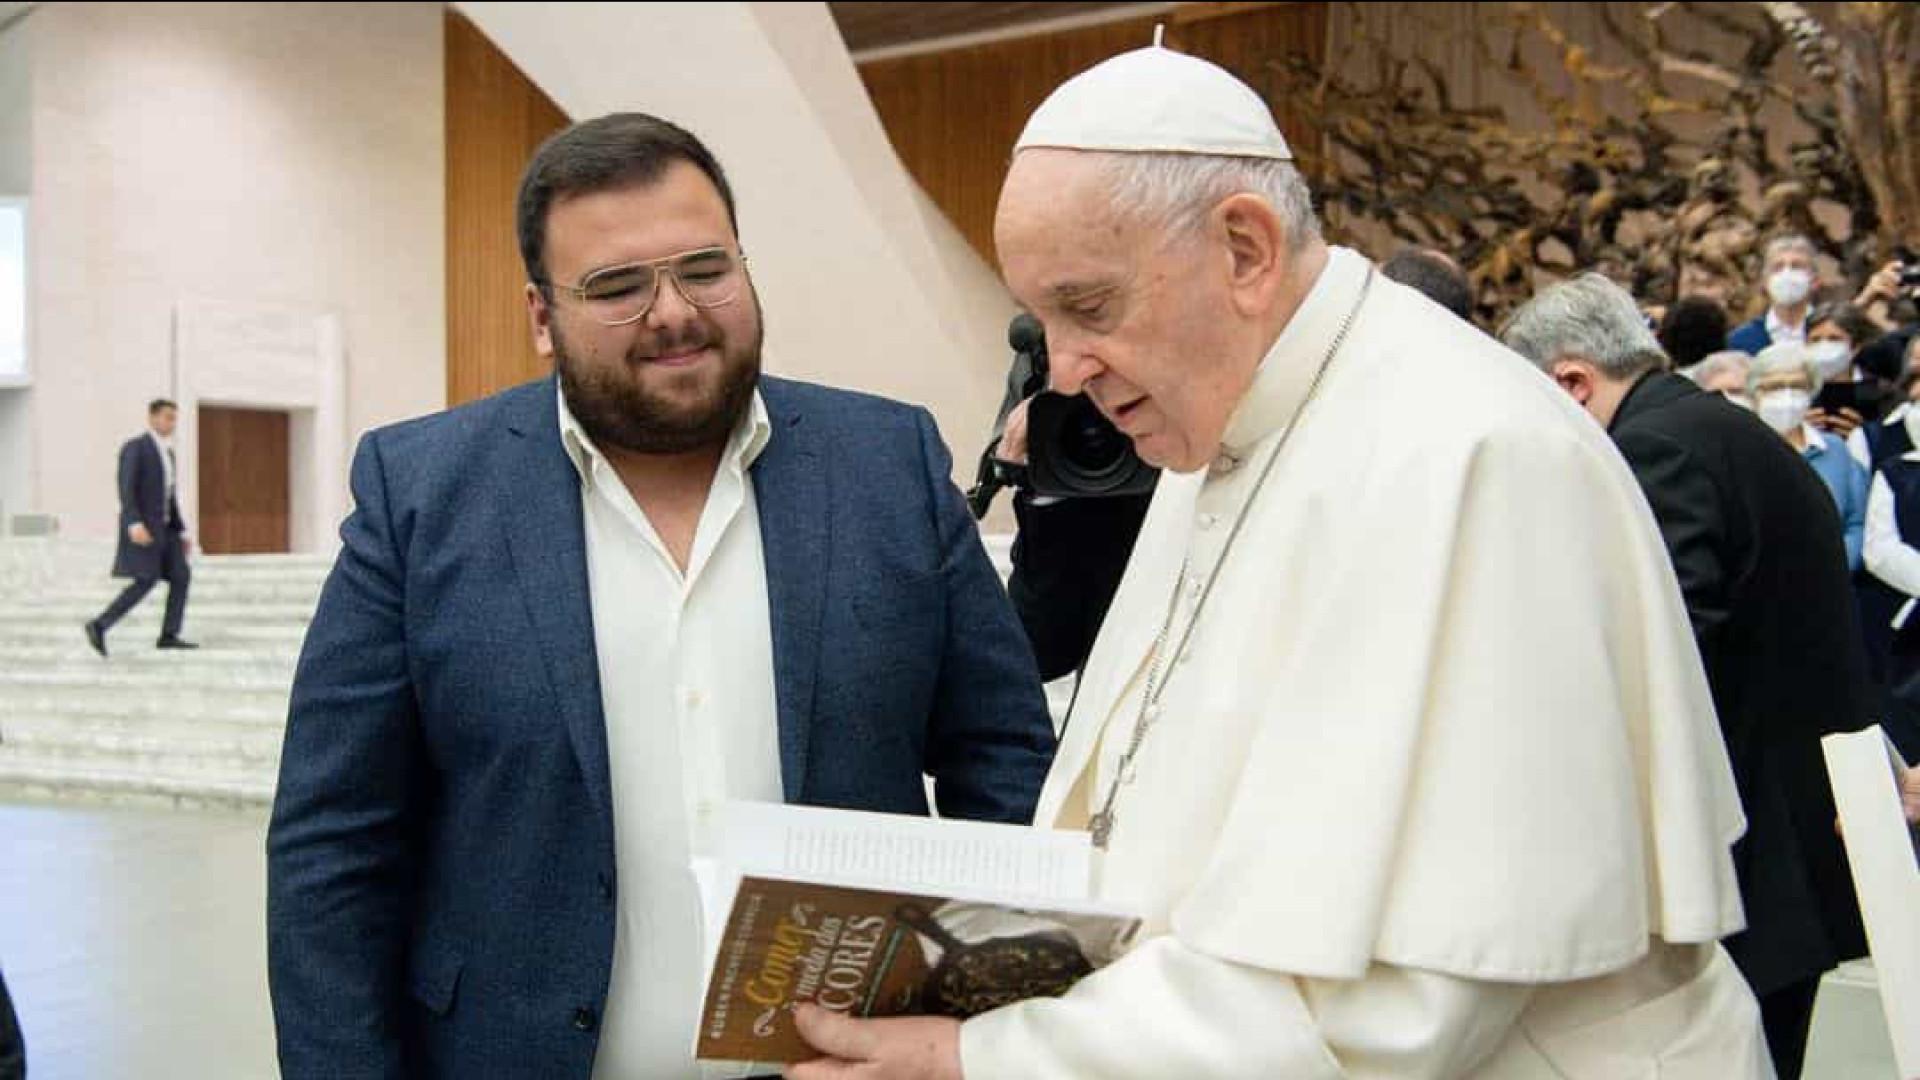 Rúben Pacheco Correia revela confidência que lhe foi feita pelo Papa